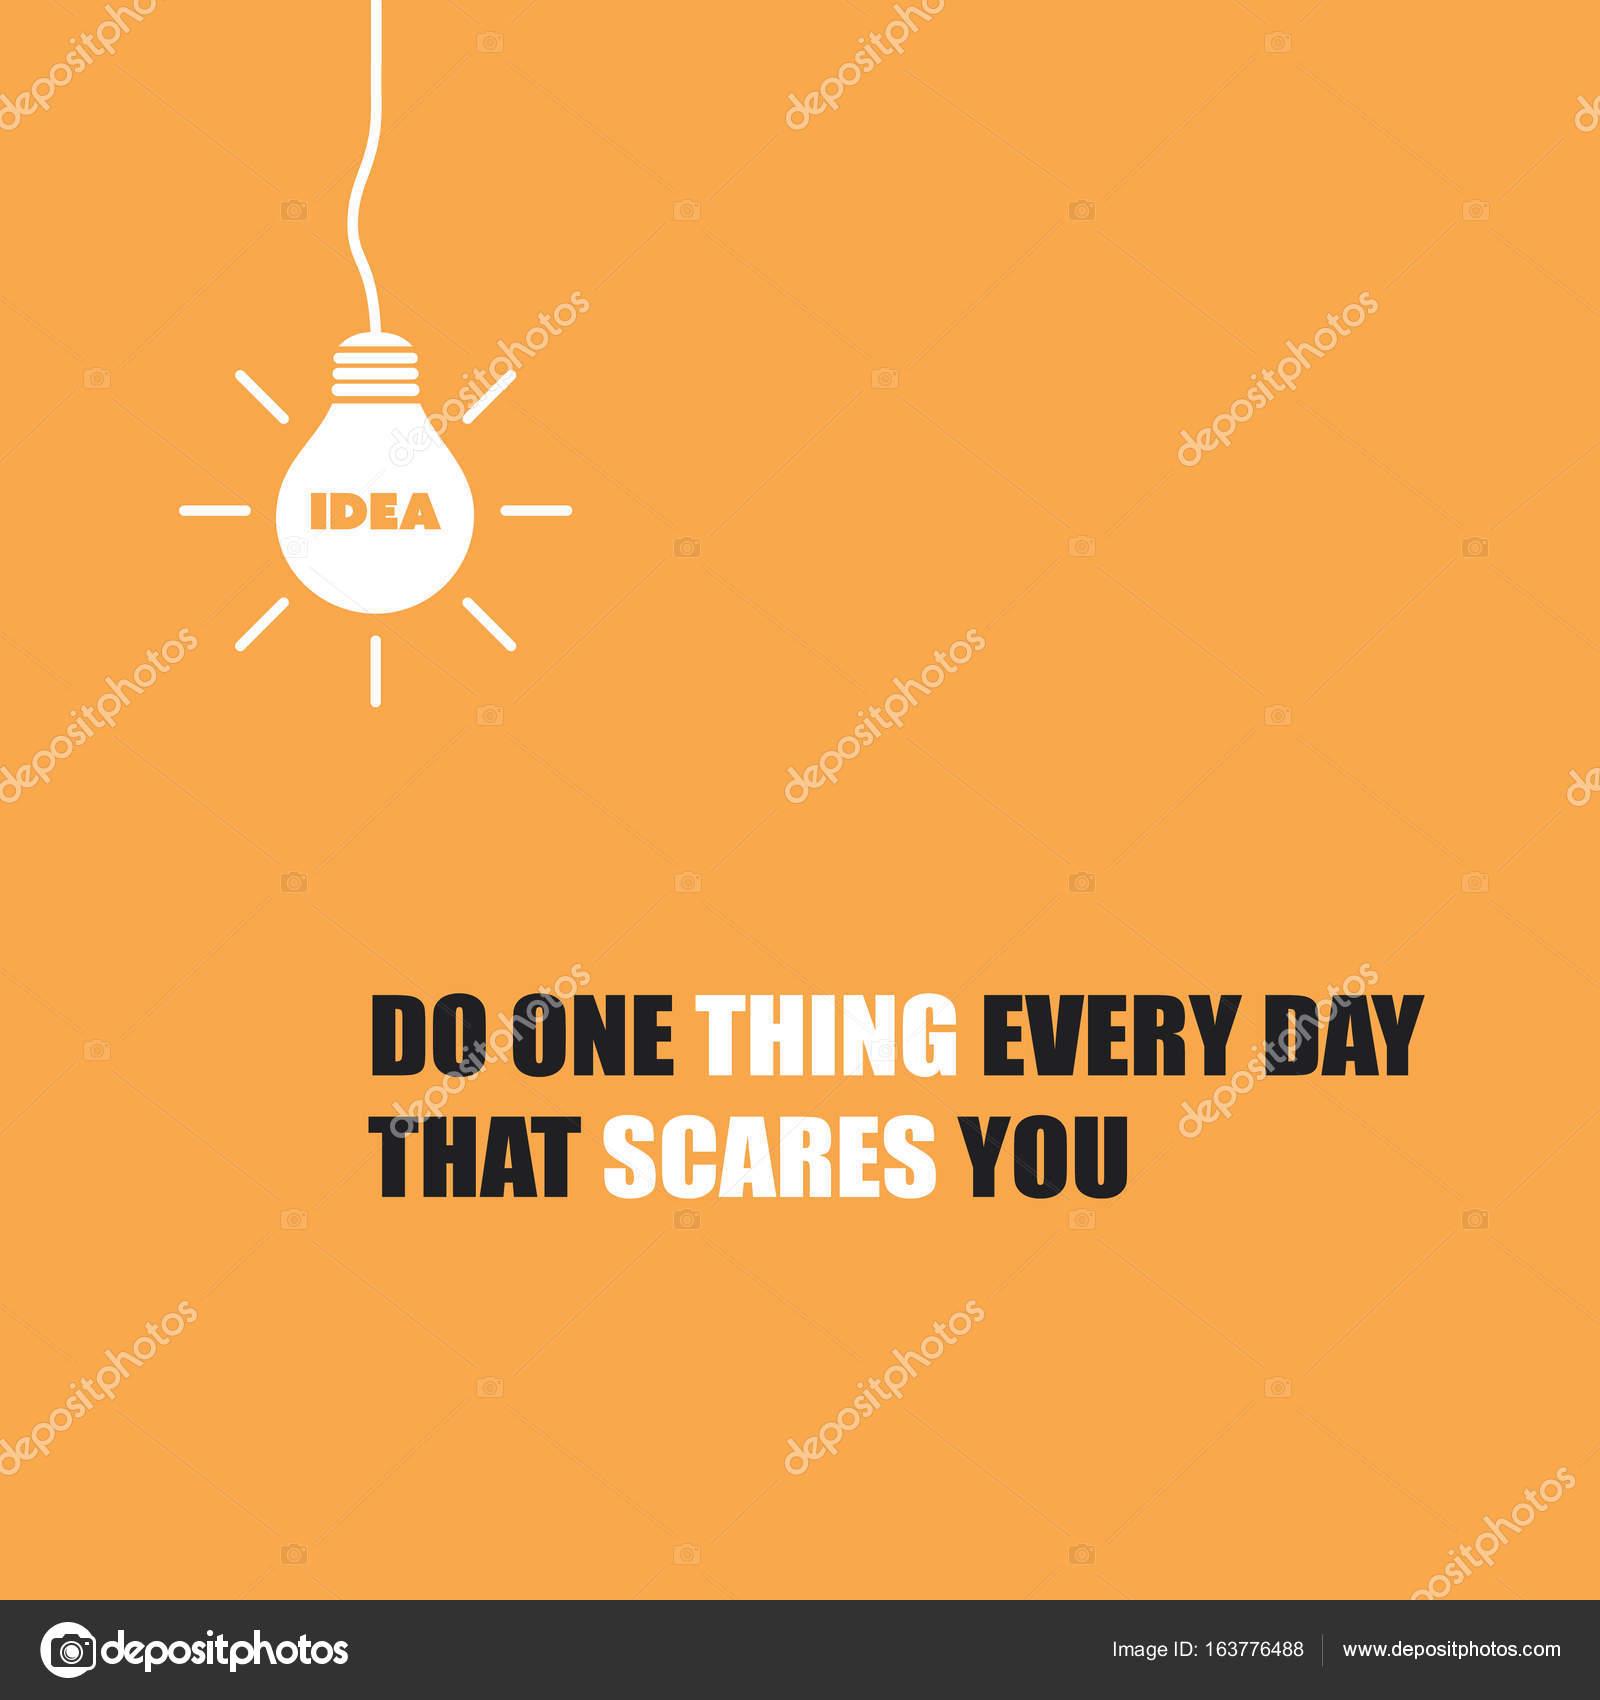 Eine Sache Zu Tun Jeden Tag Das Schreckt Sie Inspirierende